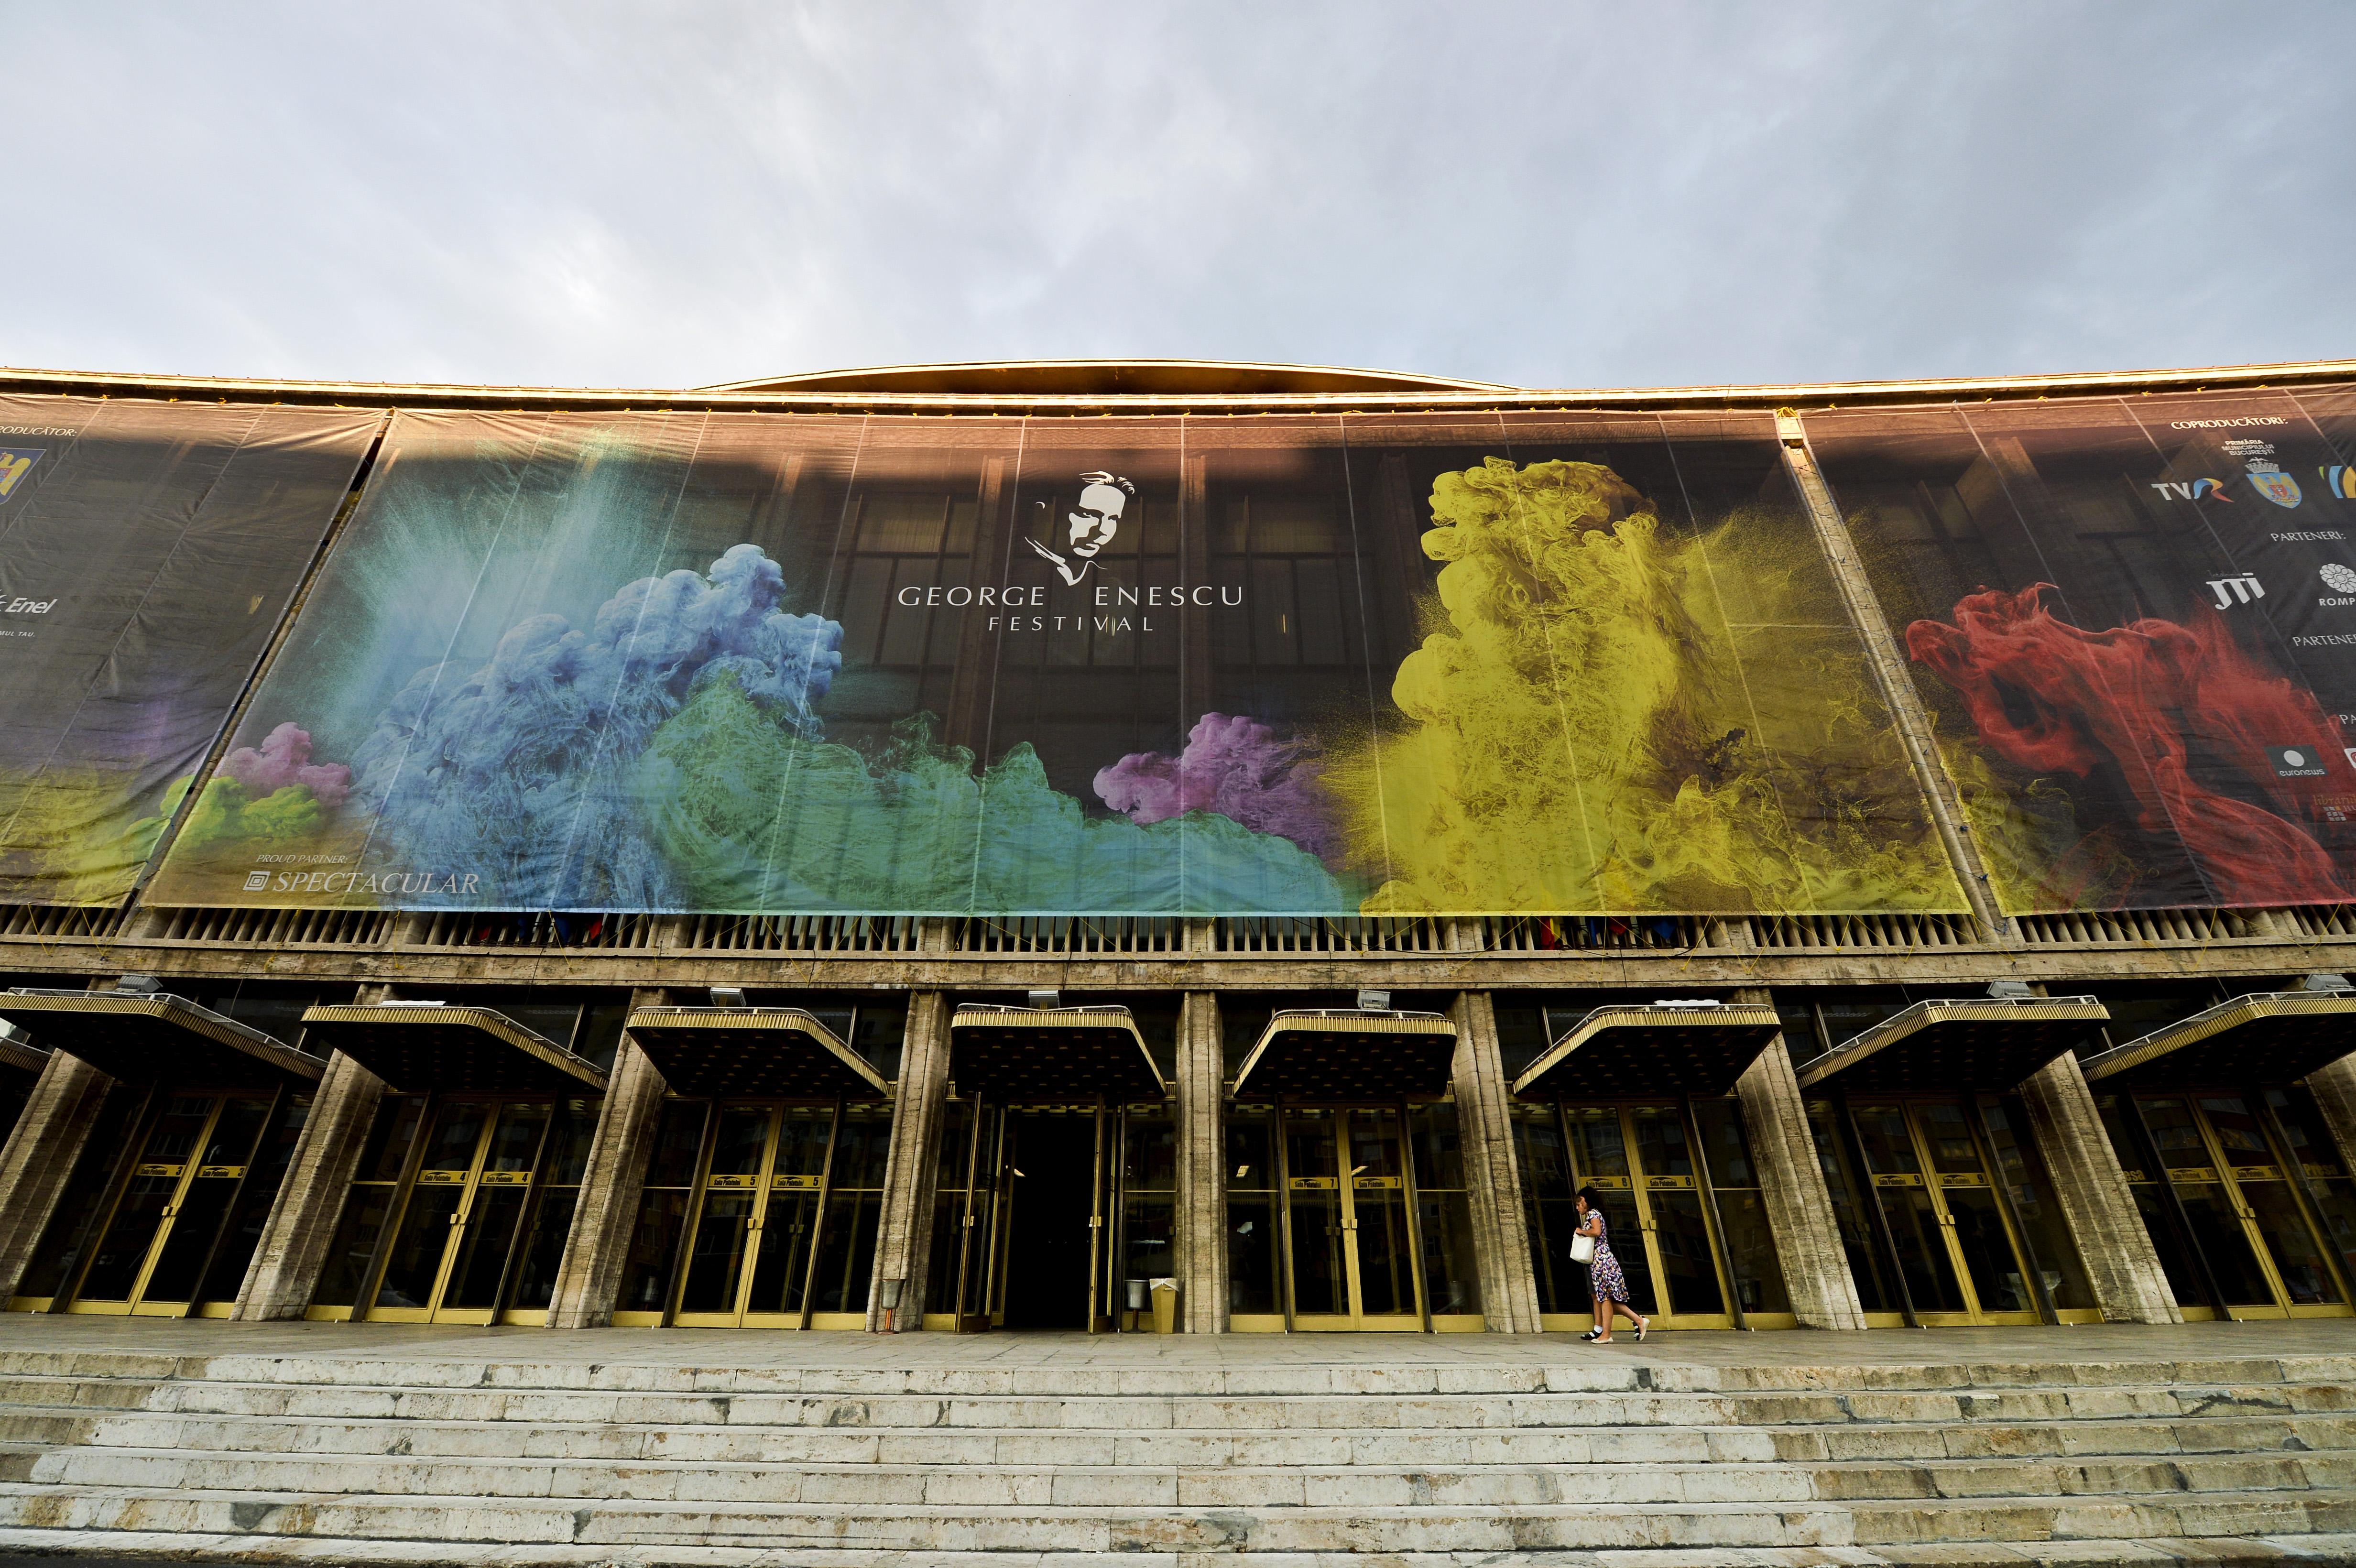 FESTIVALUL GEORGE ENESCU, programul de luni. Peste 20.000 de straini participa la eveniment